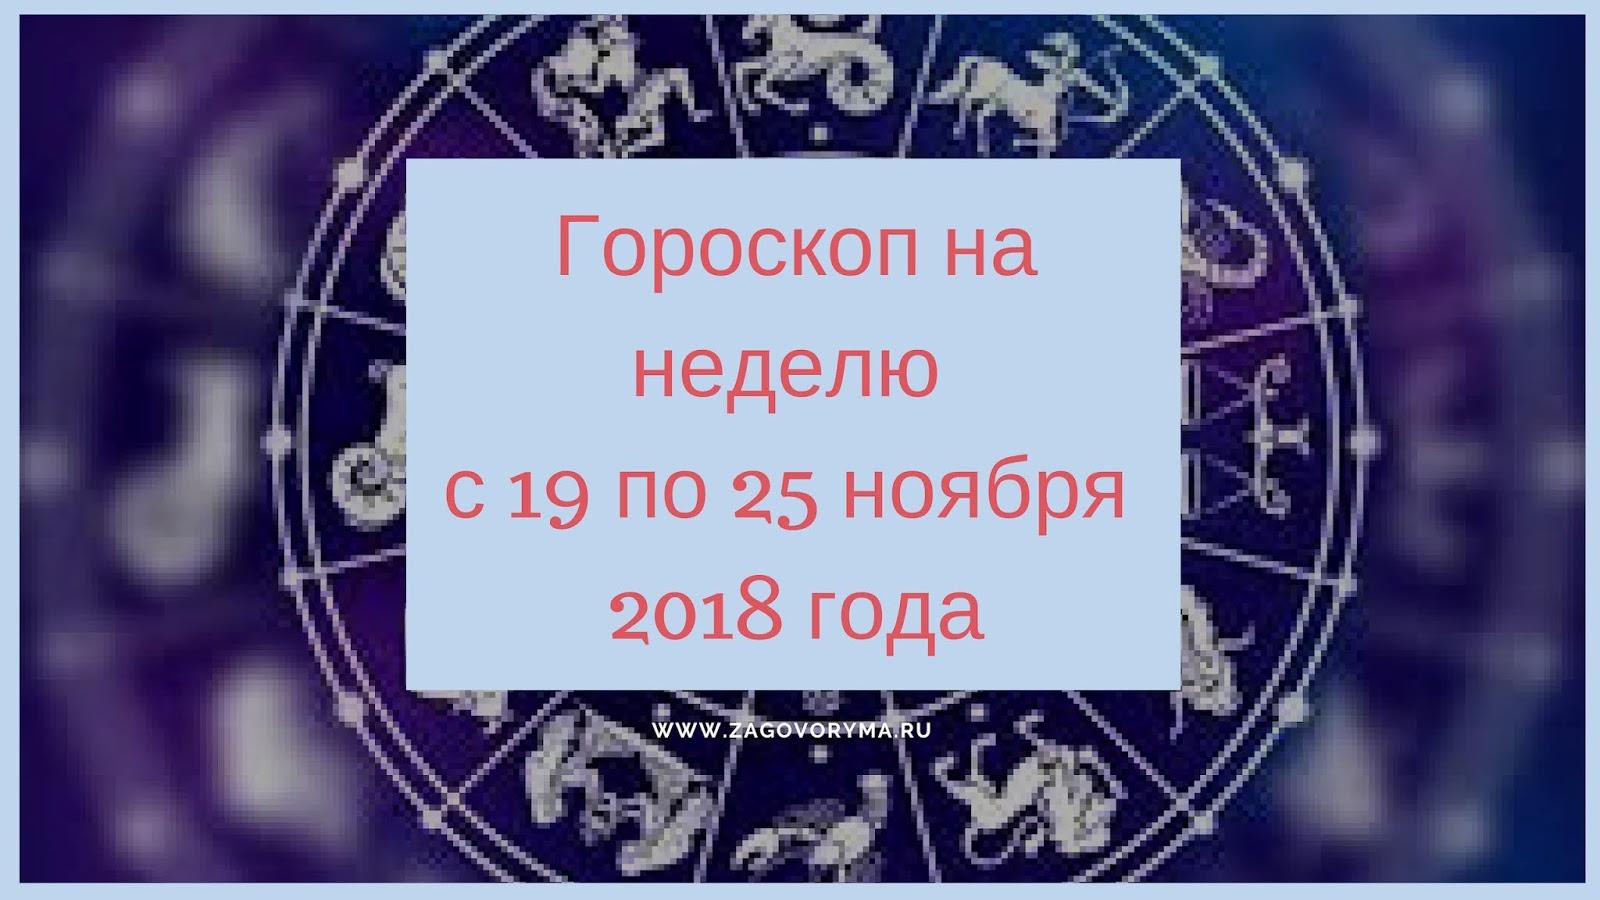 Гороскоп на неделю с 14 по 20 января года для овнов.